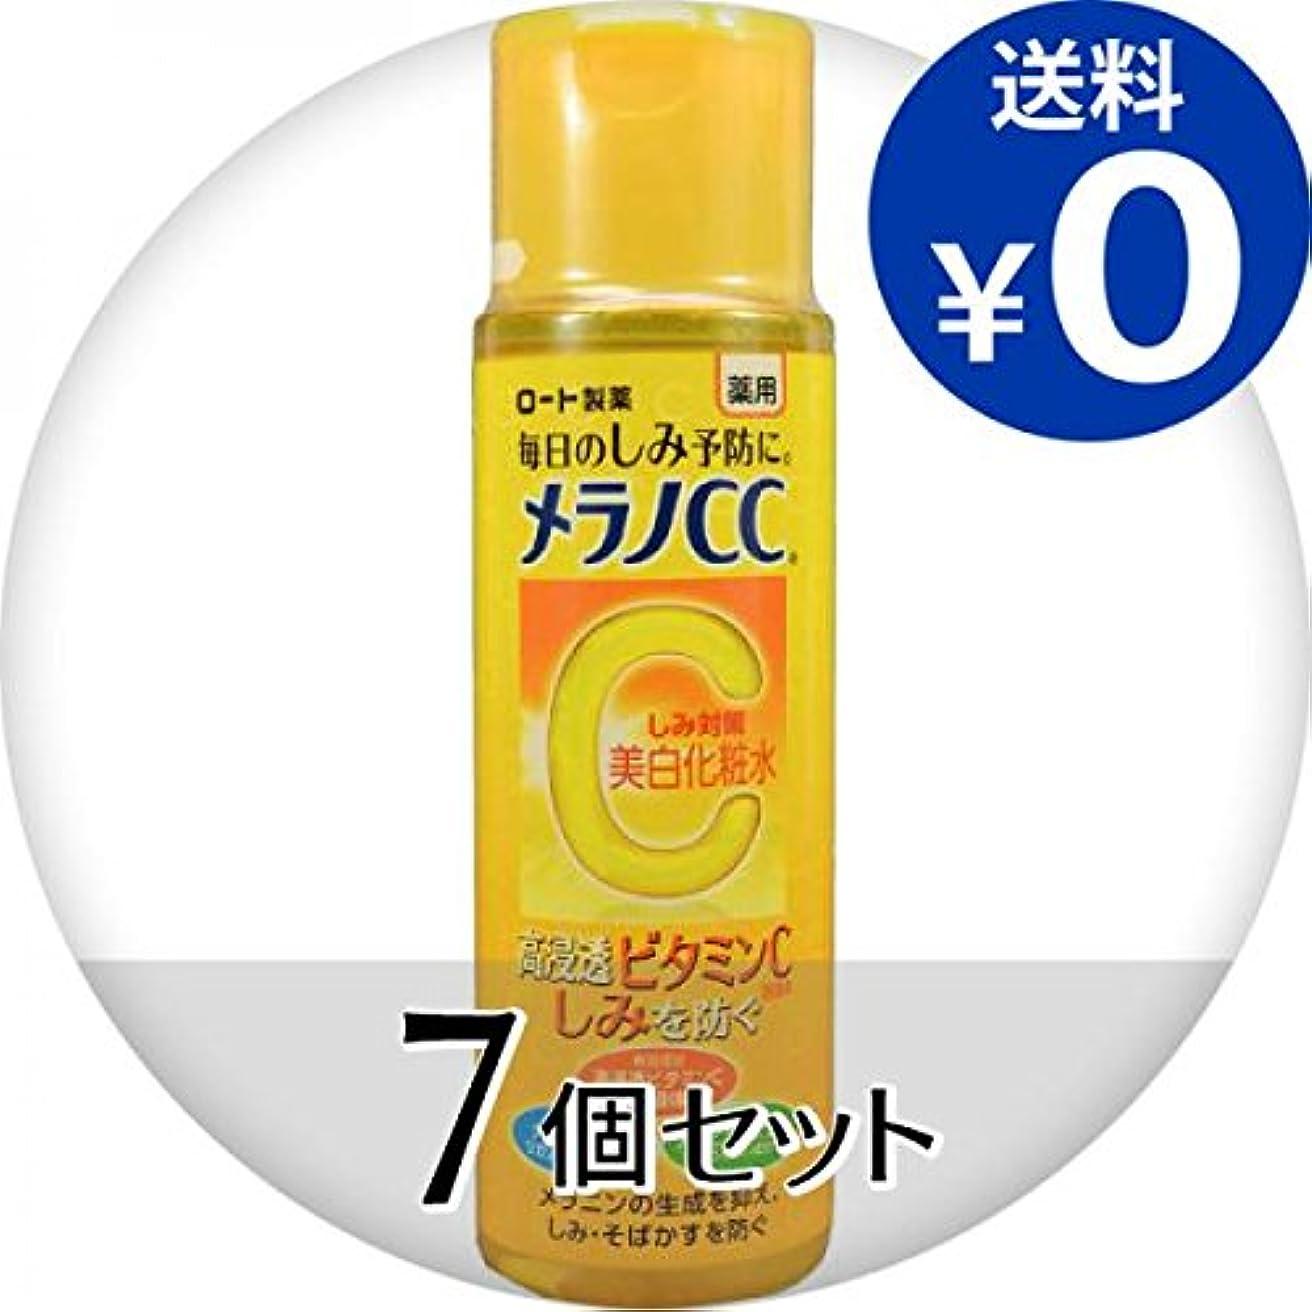 曲部ガロン【セット品】メラノCC 薬用しみ対策 美白化粧水 170mL (医薬部外品) ×7個